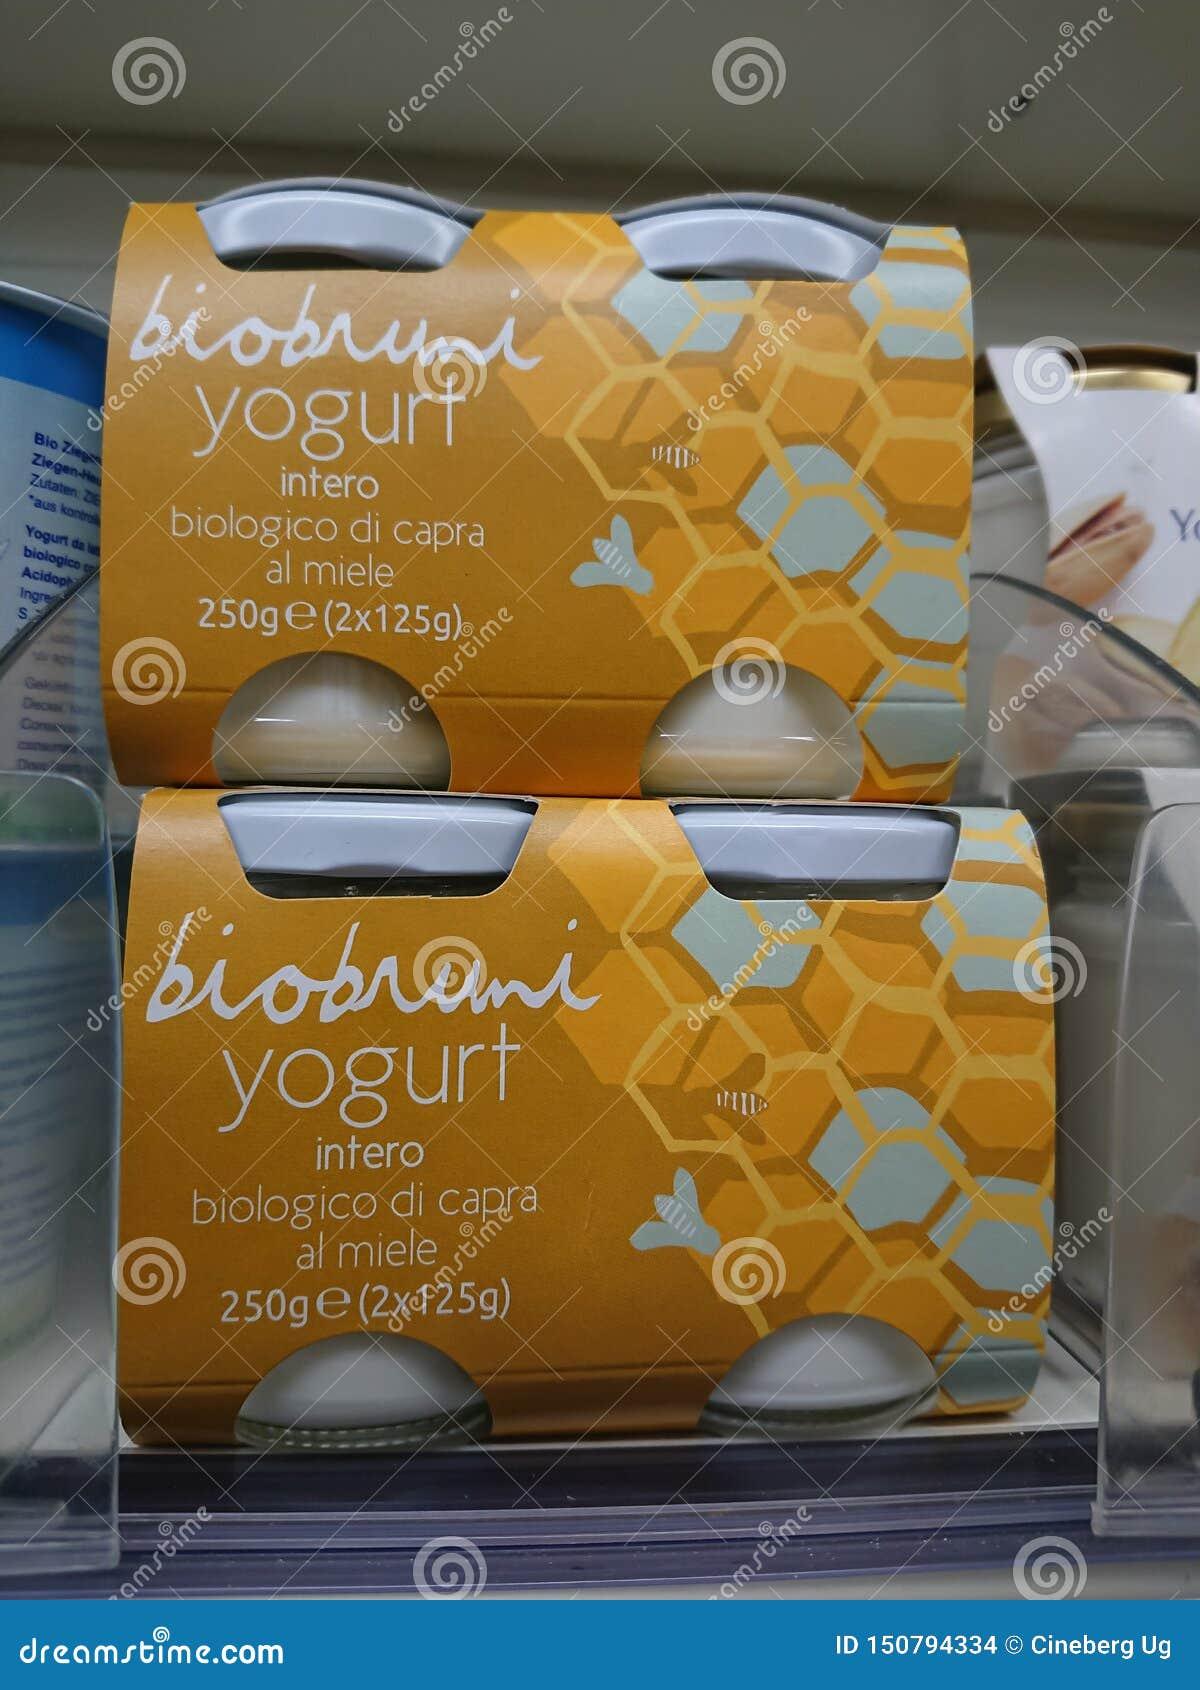 Organische yoghurt door het Italiaanse merk BioBruni